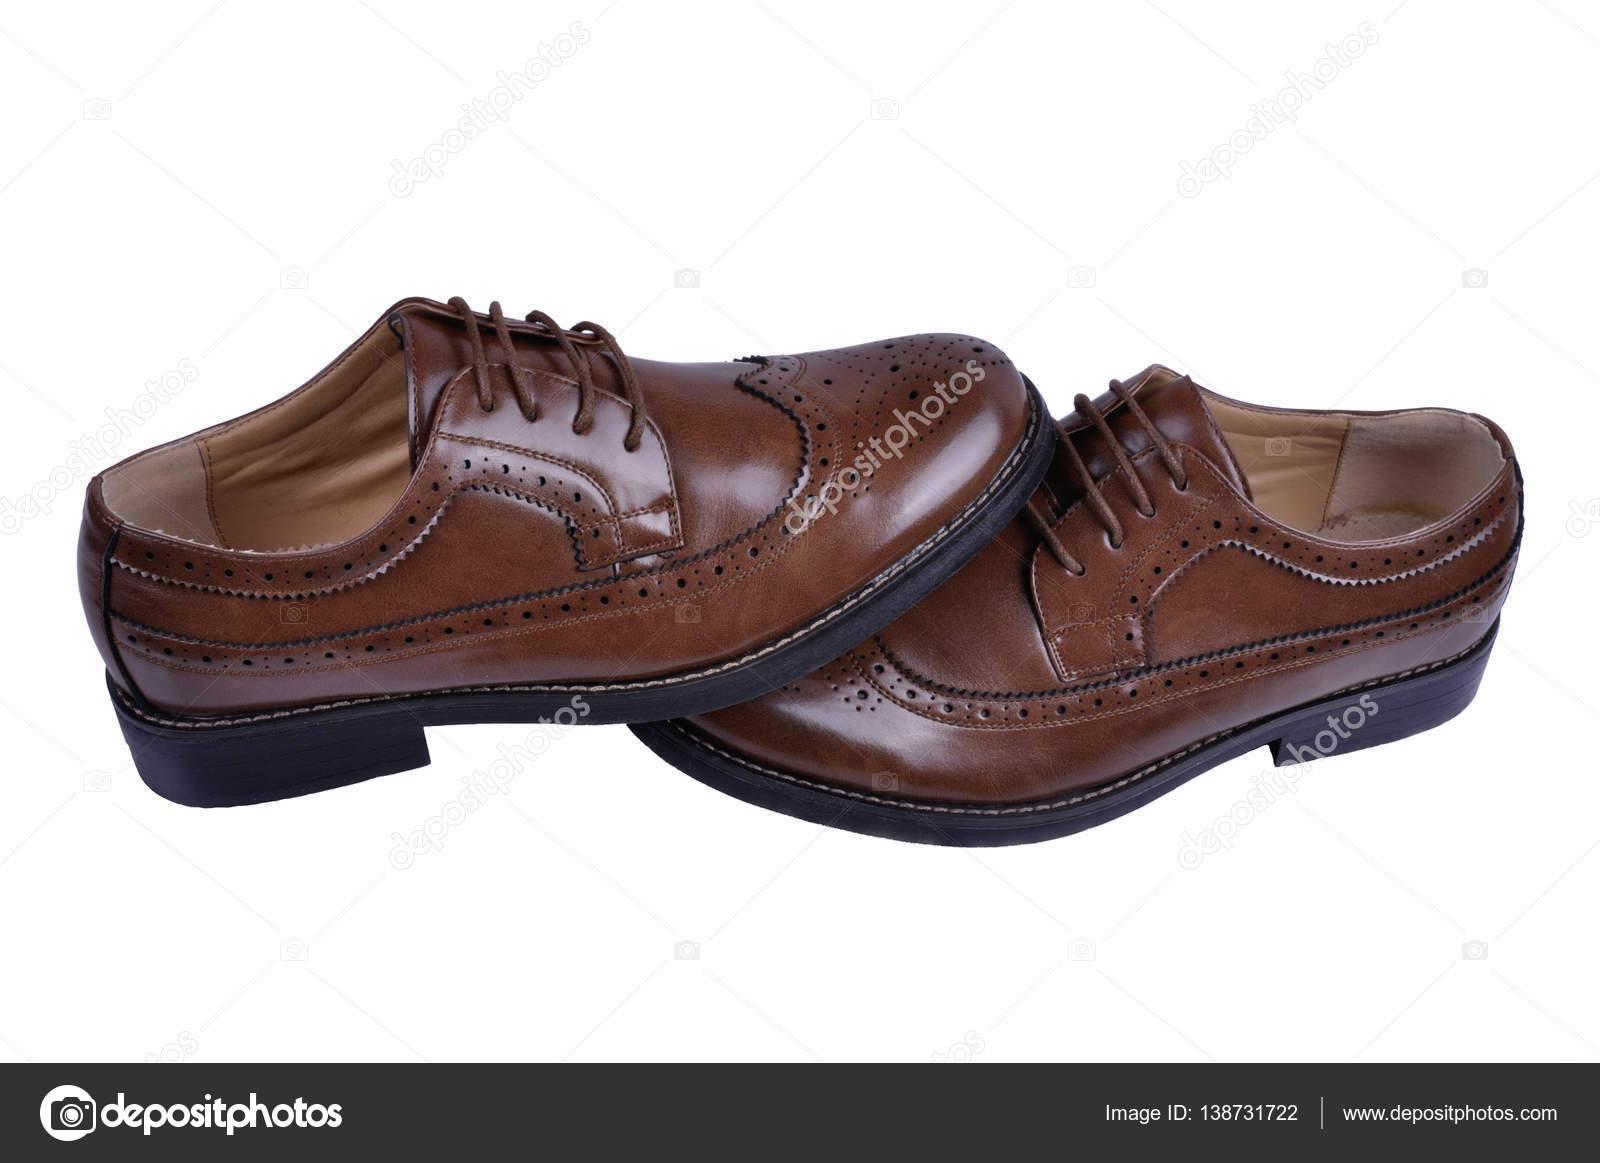 509281f18a zapatos de hombre marrón aislada sobre fondo blanco — Fotos de Stock ...